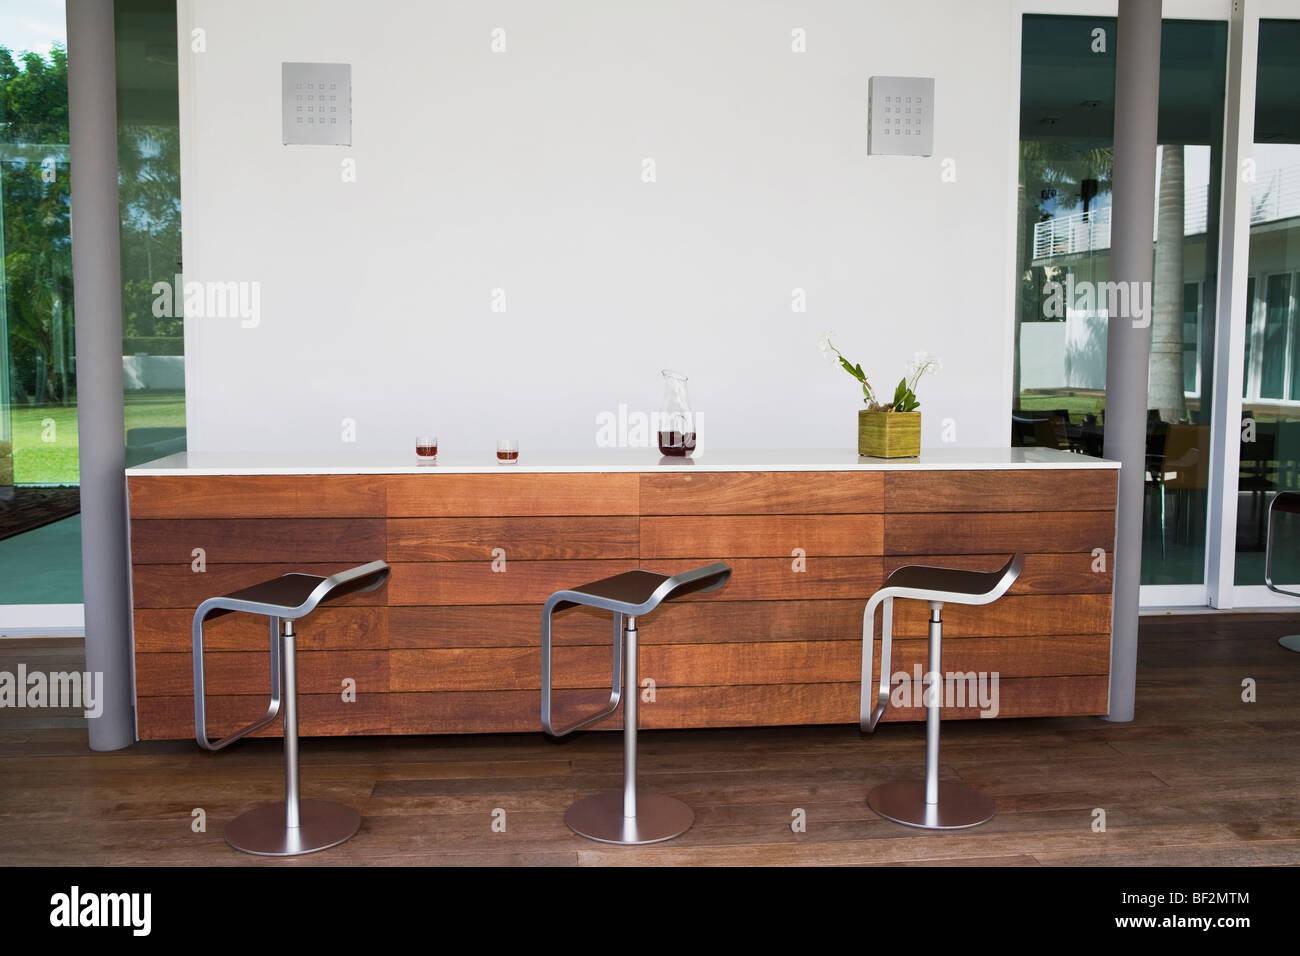 Sgabelli Stile Barocco : Bar decorato in stile barocco immagini & bar decorato in stile